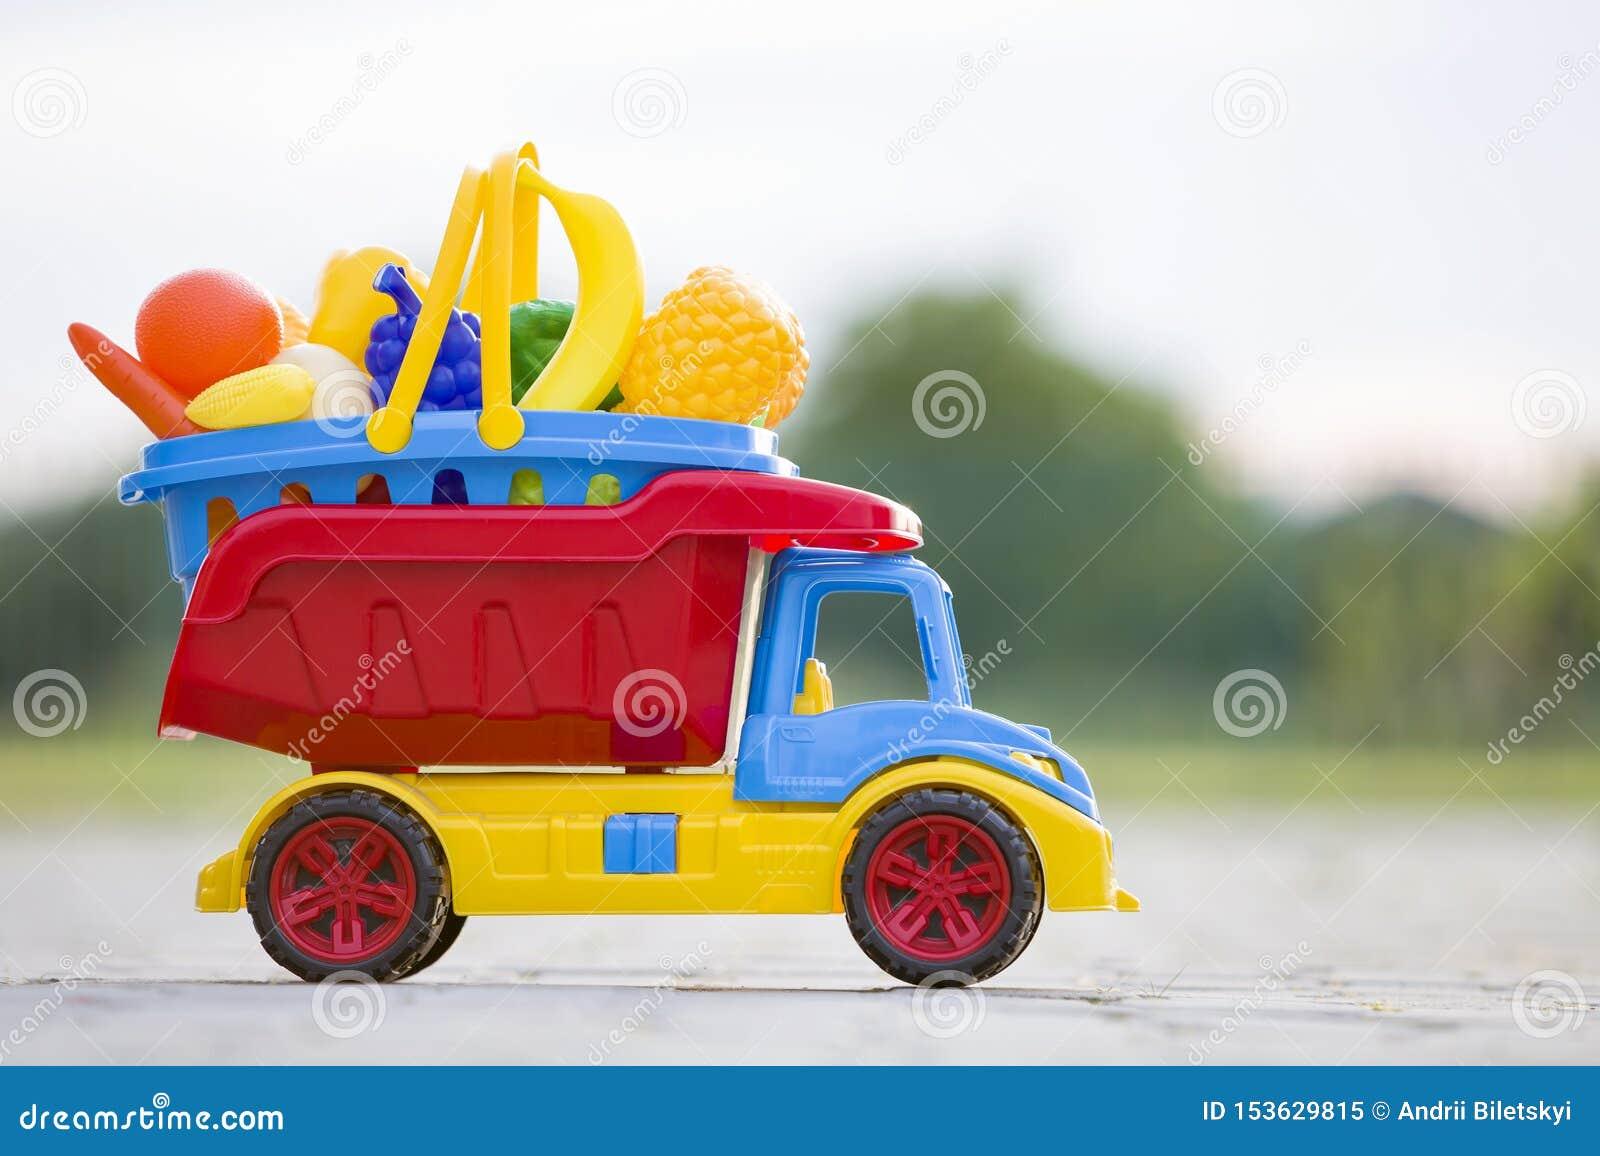 Panier de transport de jouet de camion coloré en plastique lumineux de voiture avec des fruits et légumes de jouet dehors le jour